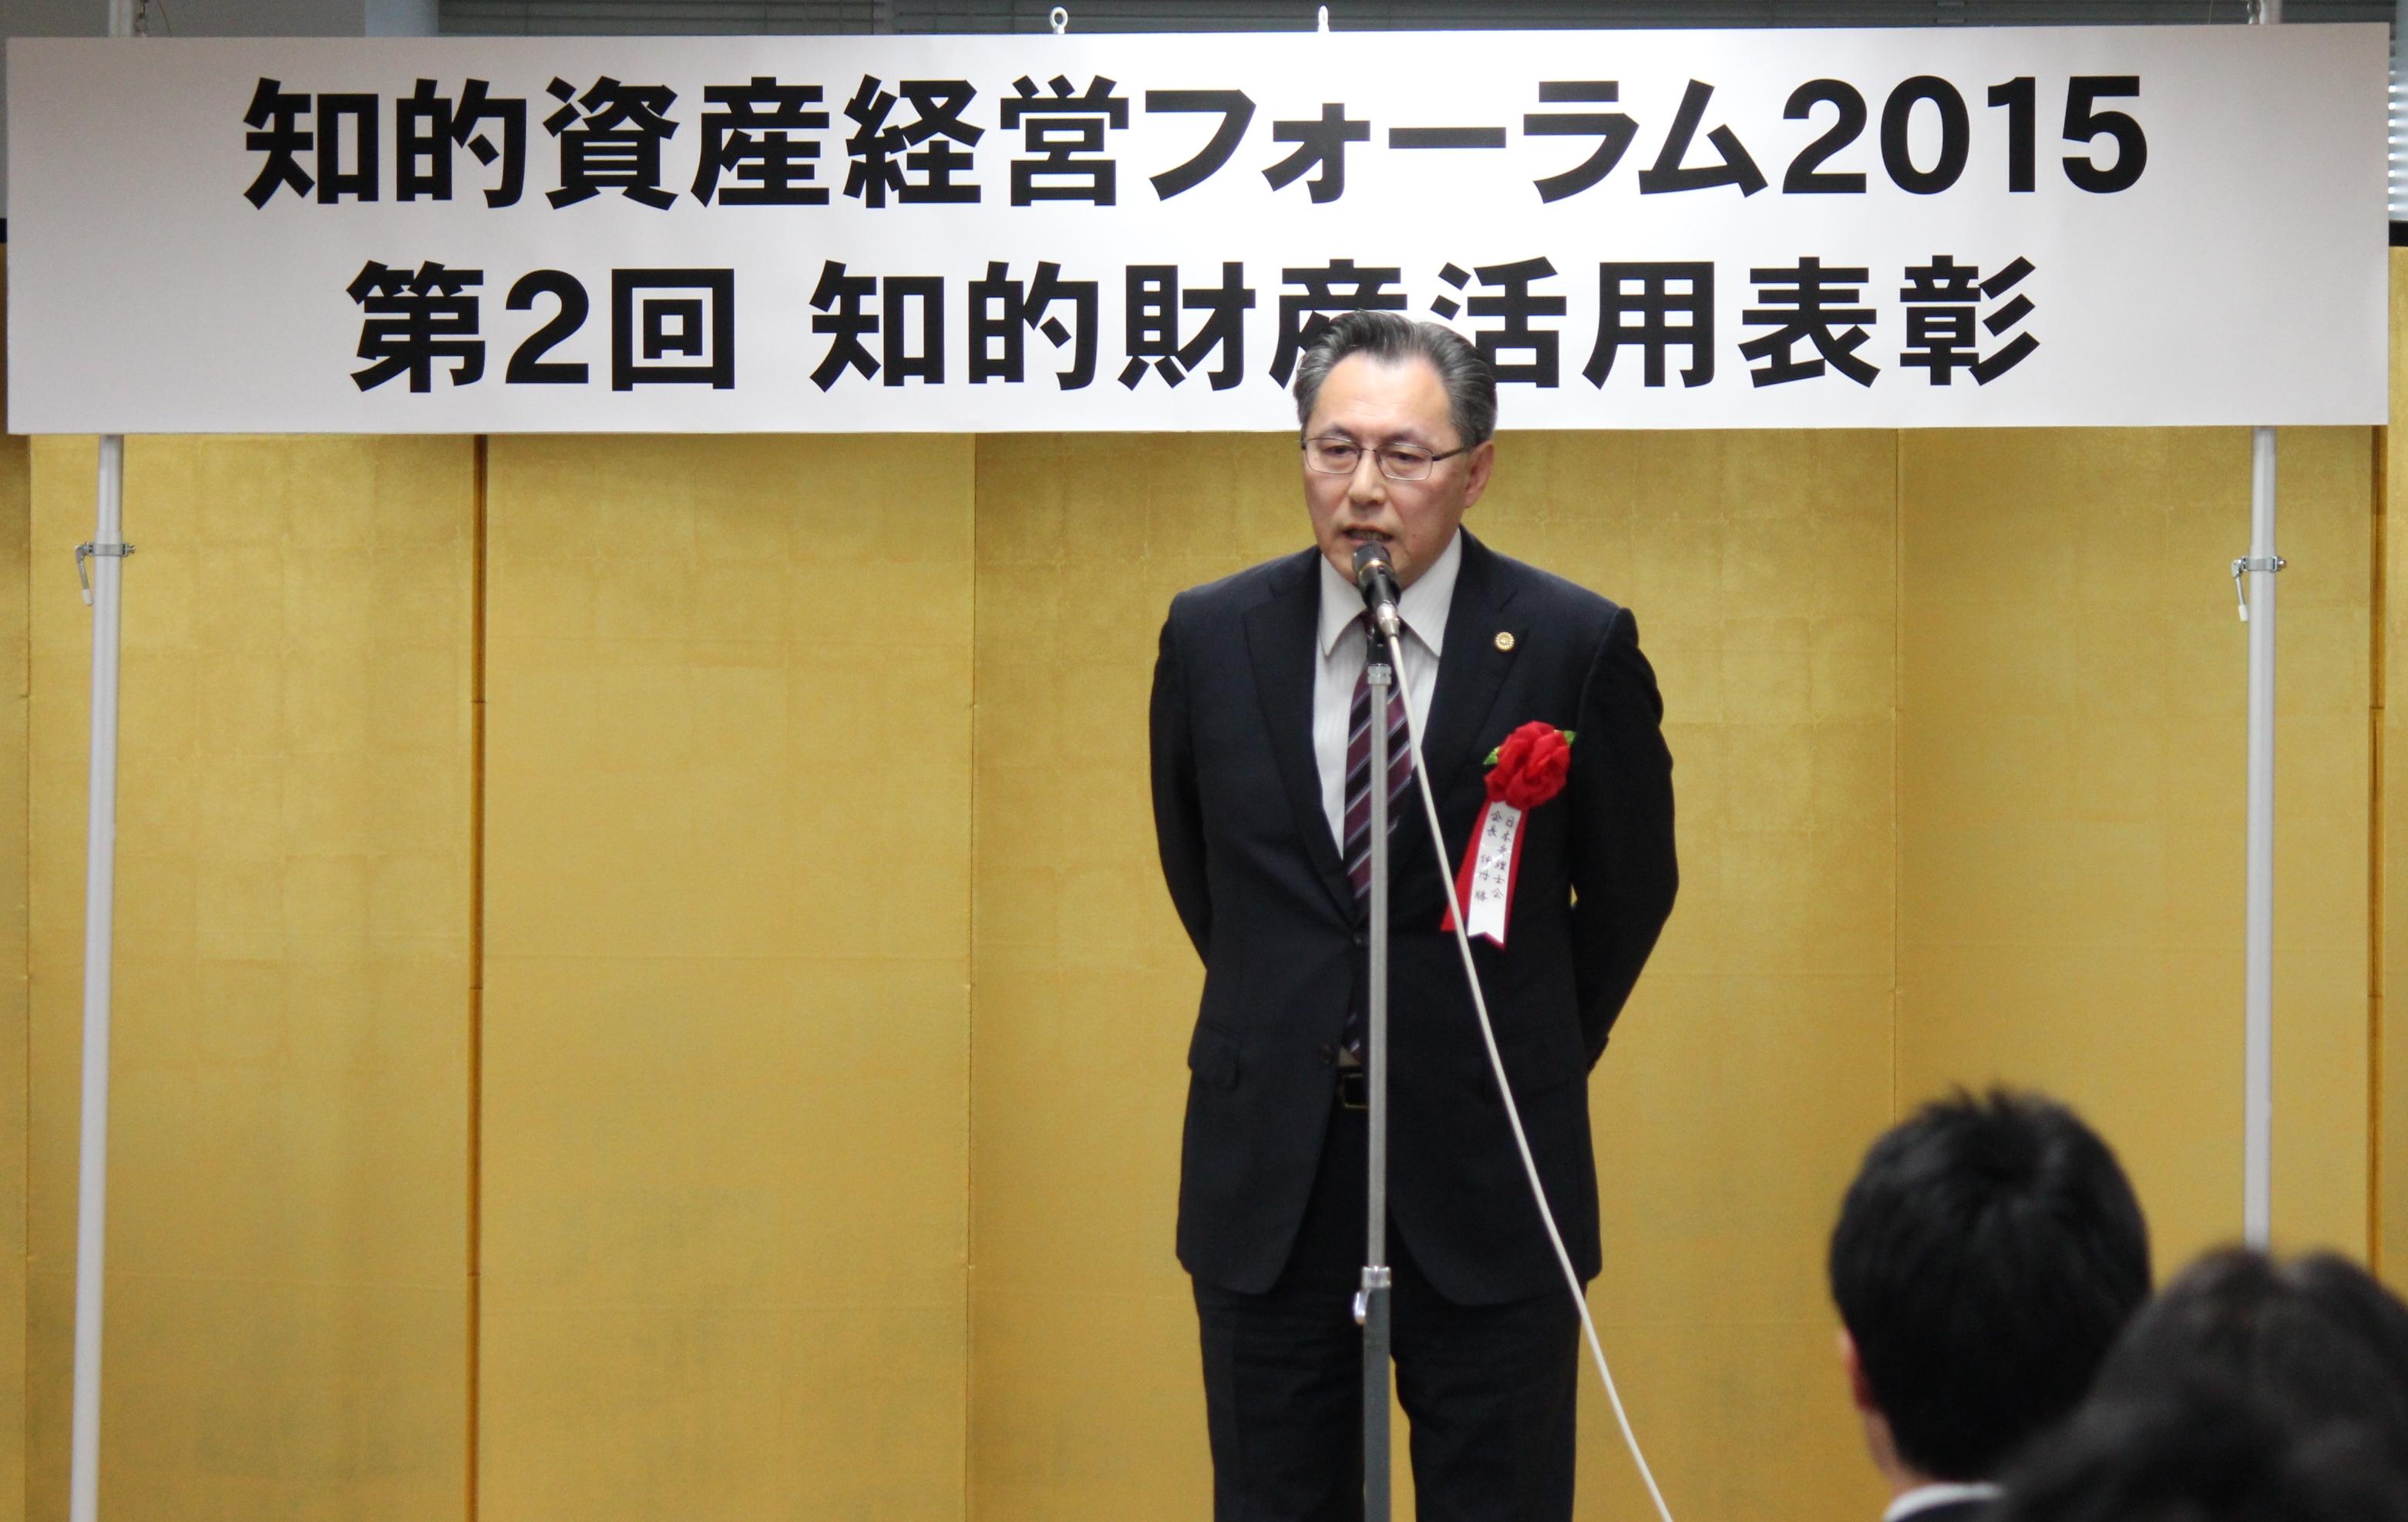 伊丹会長は「知的財産権を活用し、権利化する企業こそ、信頼性があり優良な企業である。」と受賞企業への祝辞を述べた。